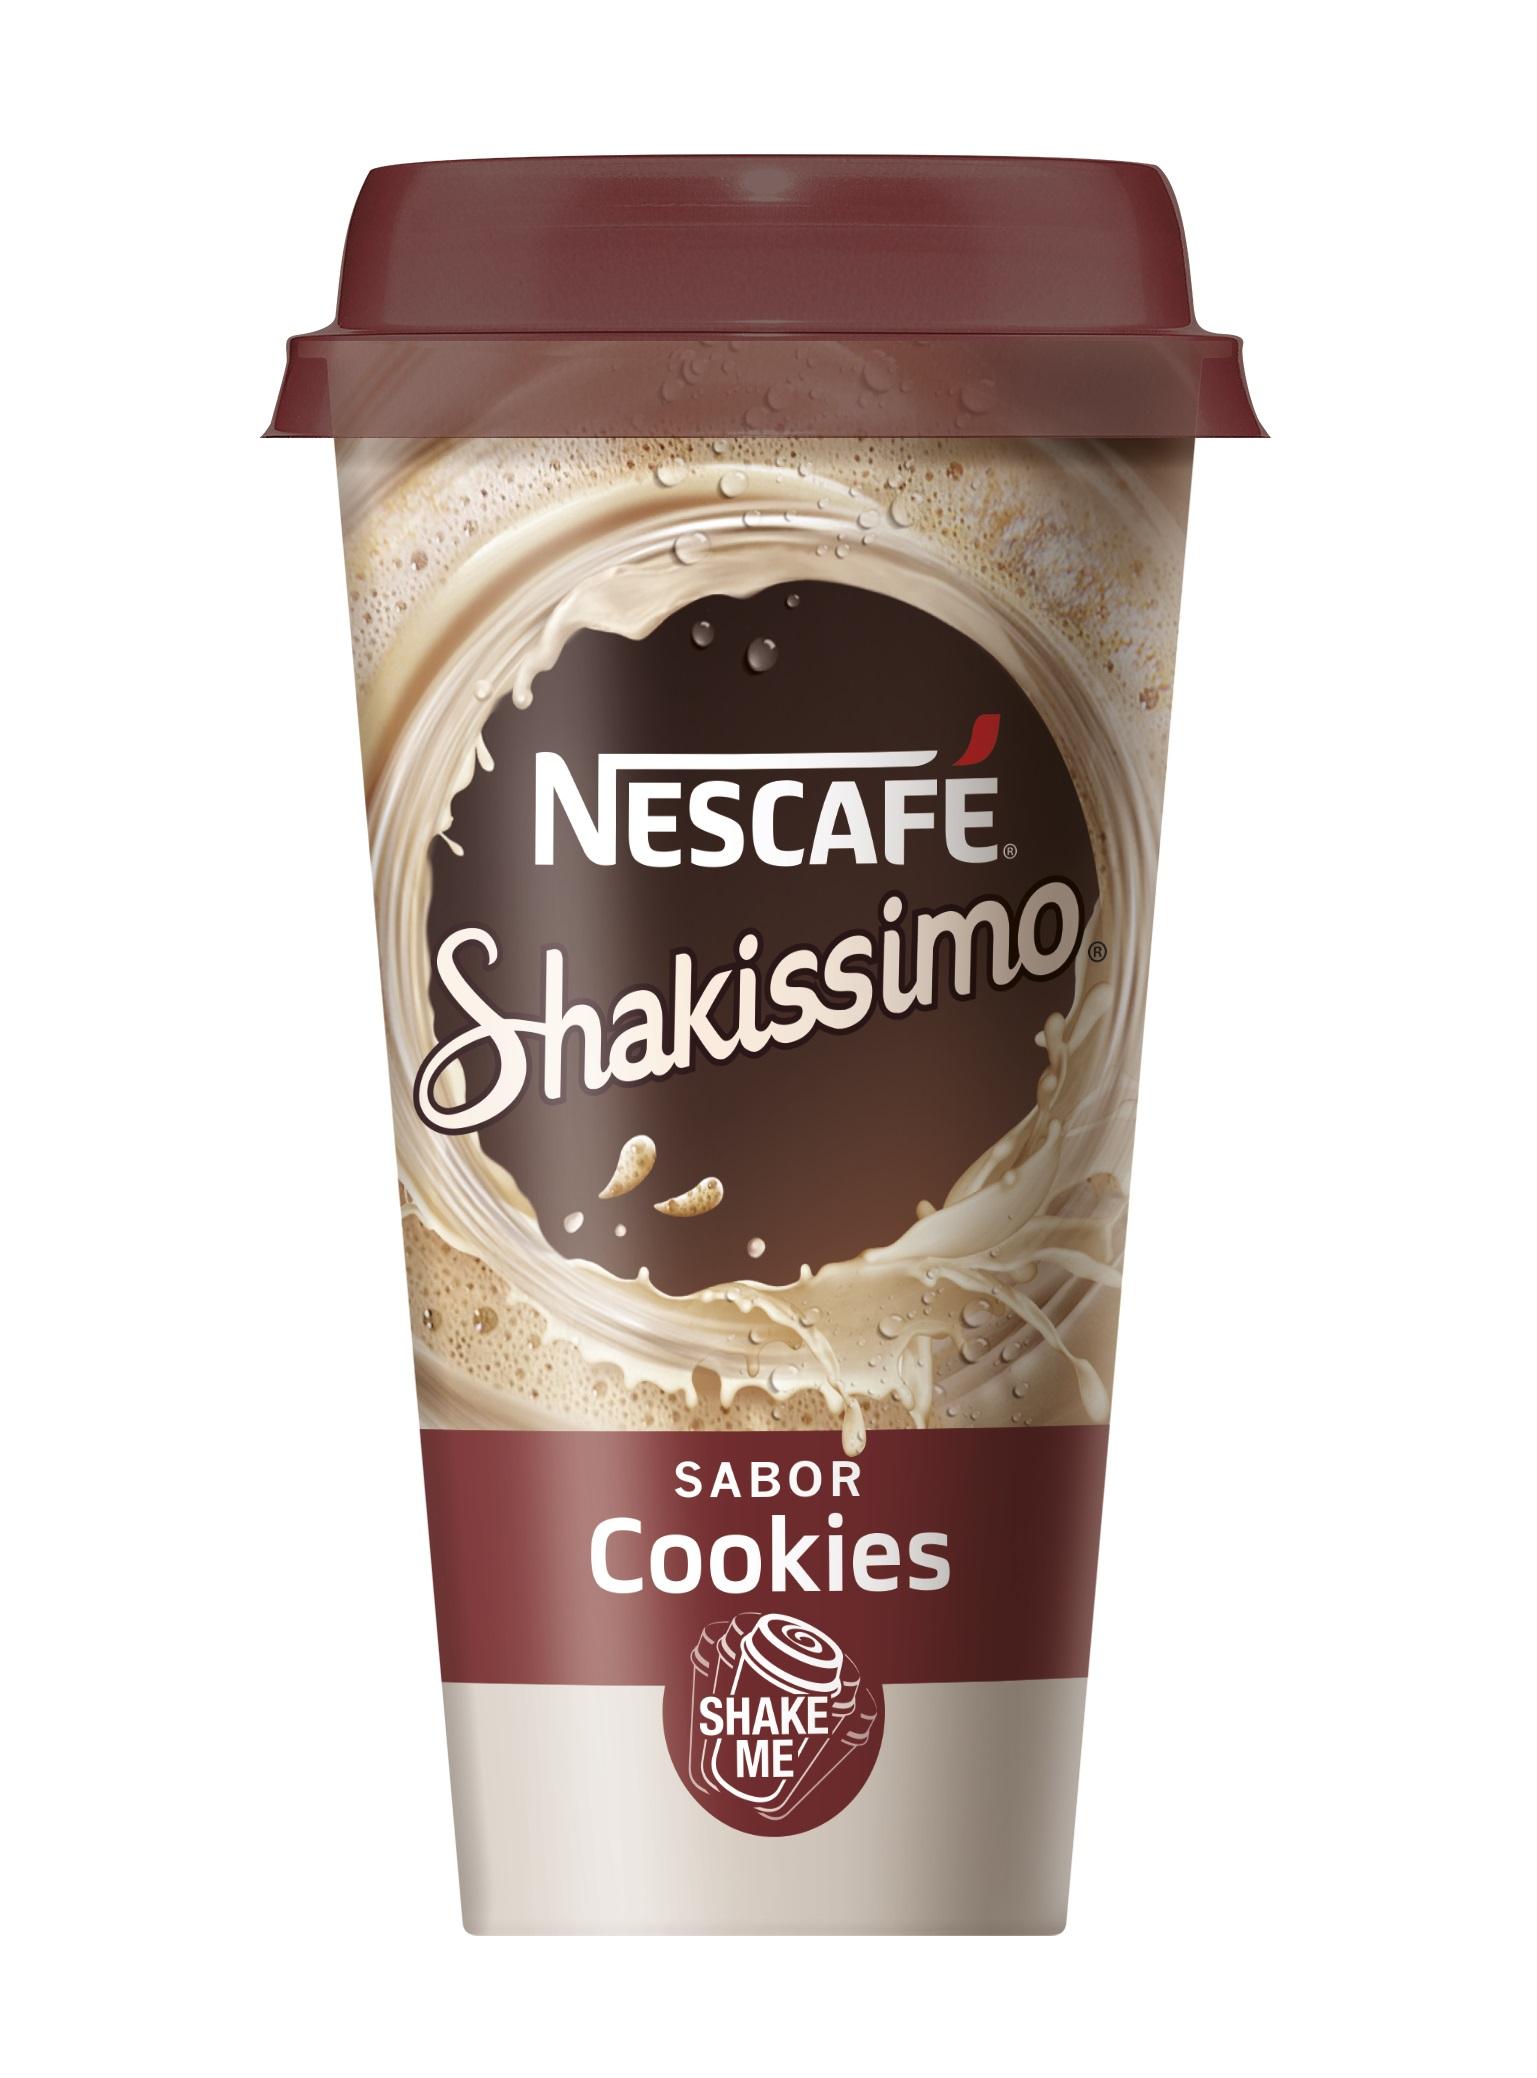 NESCAFE Shakissimo italok tobb izben 190ml